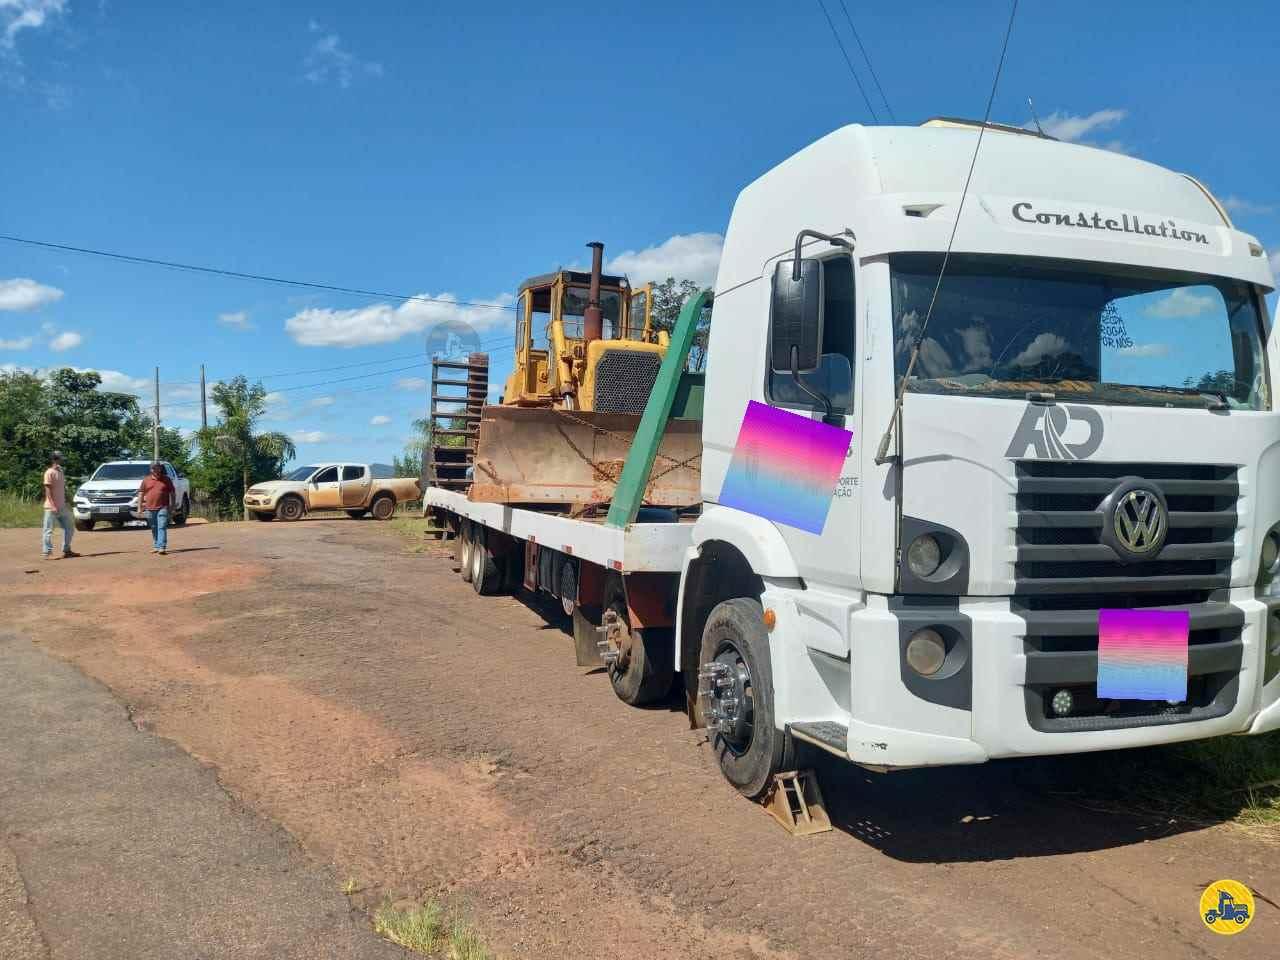 CAMINHAO VOLKSWAGEN VW 17250 Plataforma Guincho BiTruck 8x2 Caminhões Certos CONTAGEM MINAS GERAIS MG